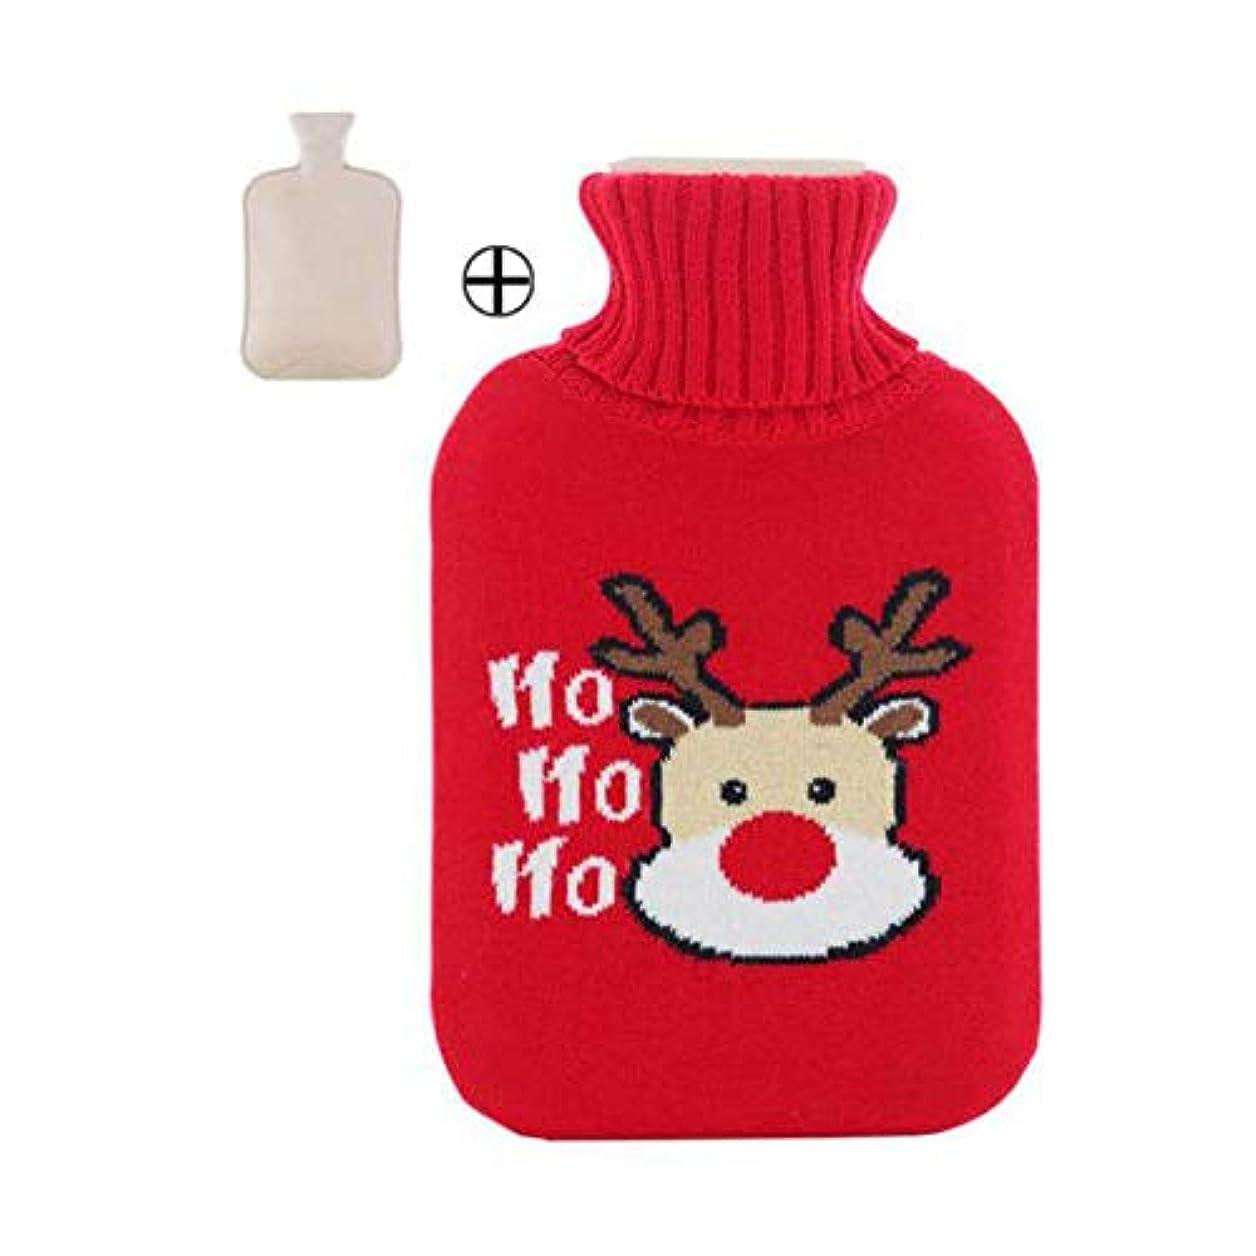 囲まれた反乱賢明なホットウォーターボトル大温かいクリスマススタイルのウォーターボトル2L